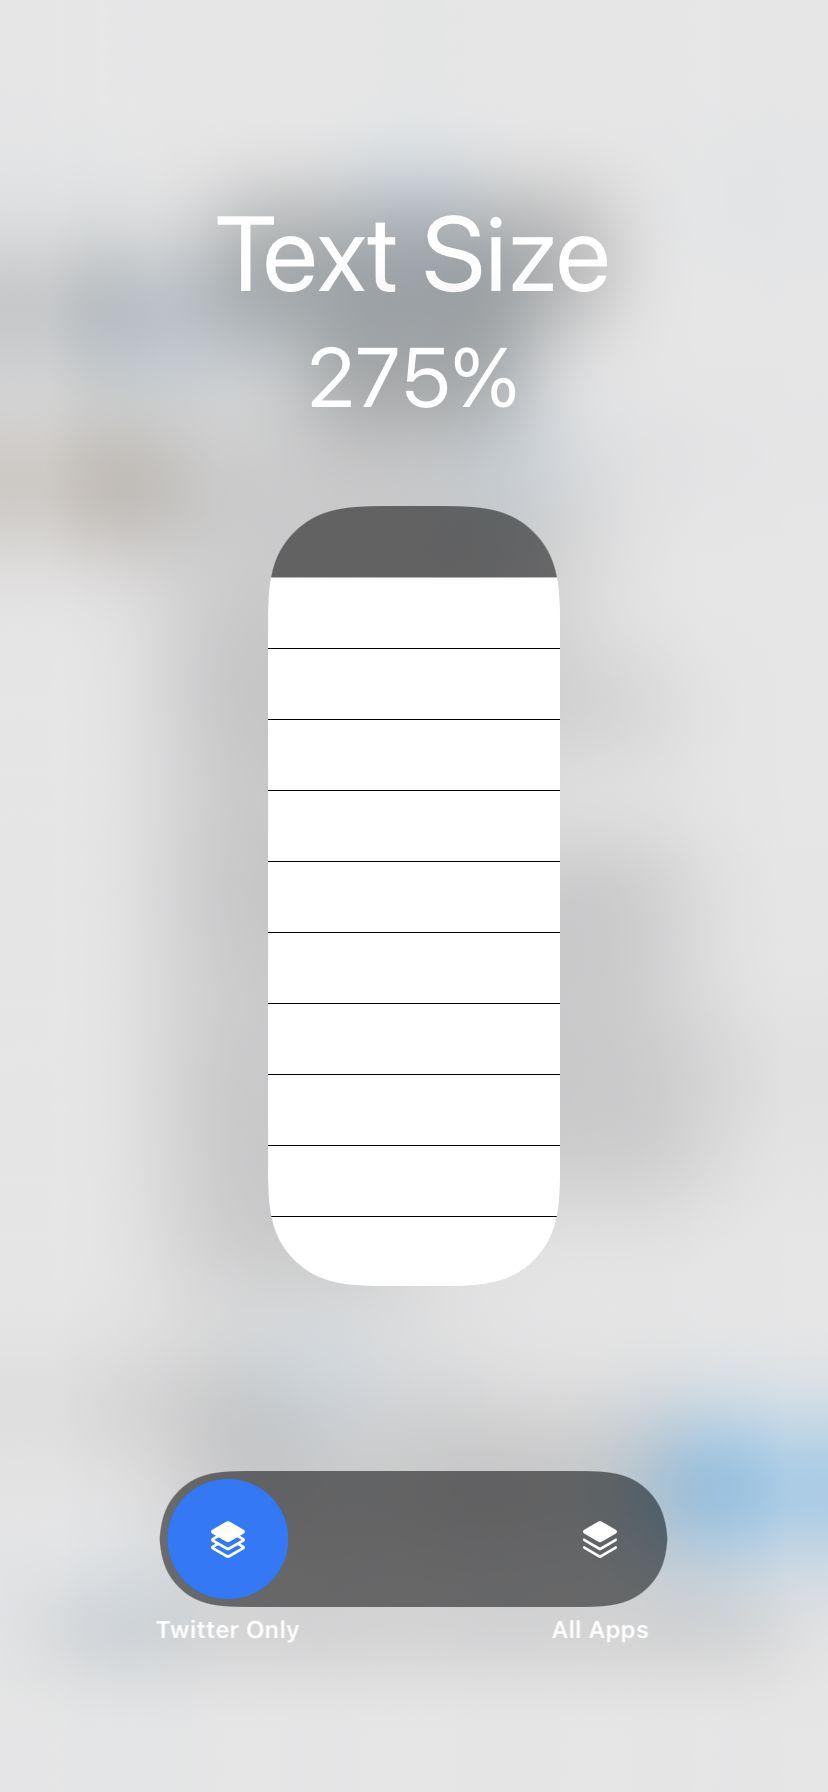 La palanca en la parte inferior le permite cambiar el tamaño del texto para una sola aplicación.